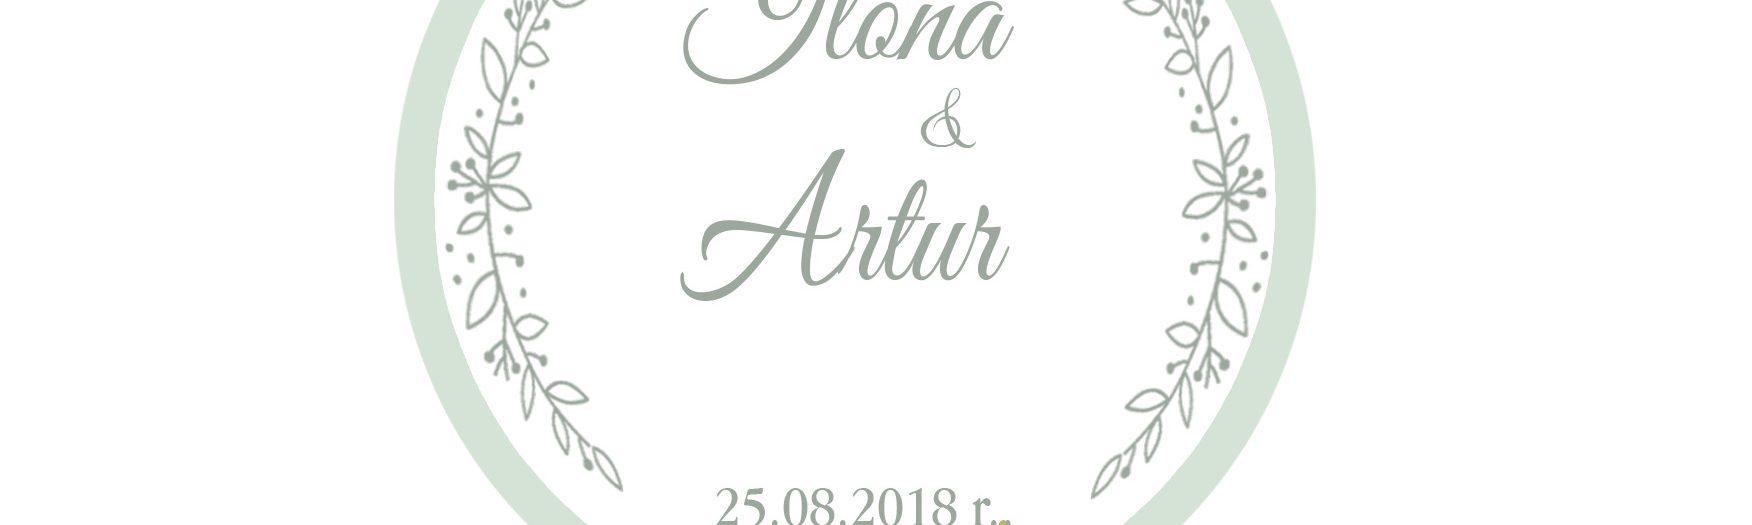 Ilona&Artur Ślub